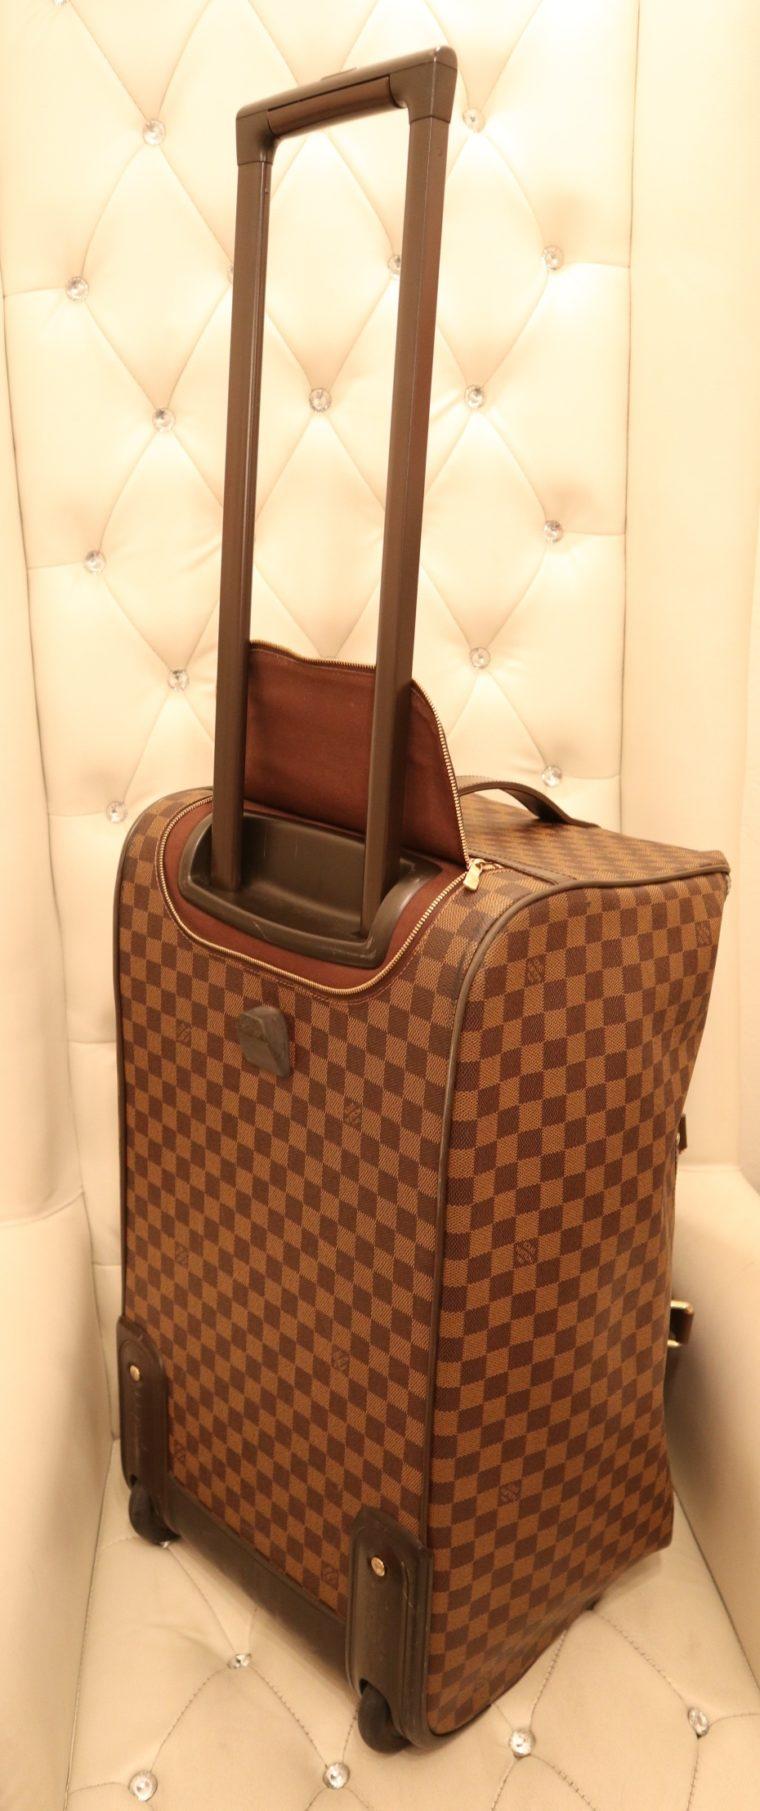 Louis Vuitton Koffer Trolley Reisetasche Eole 60 Damier ebene-14768